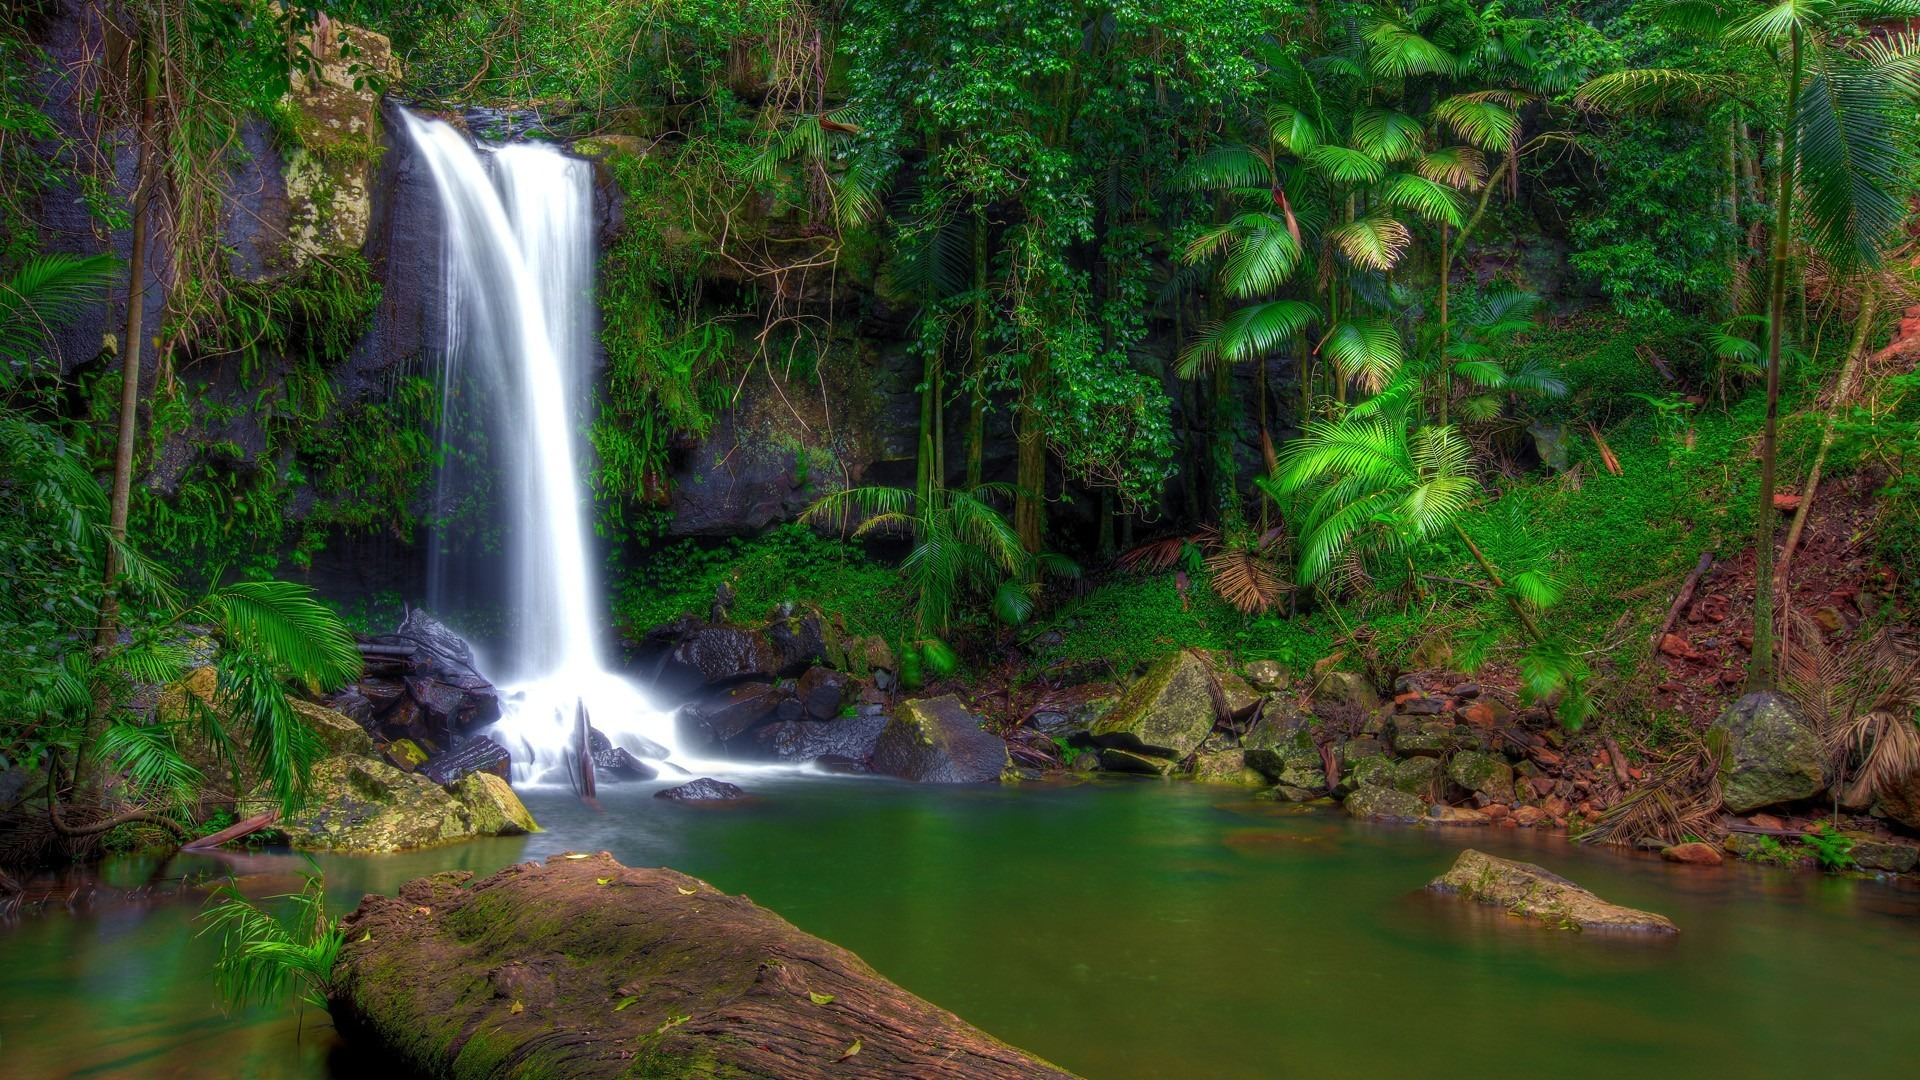 Rainforest Waterfall Scenery Hd Wallpapers Avance